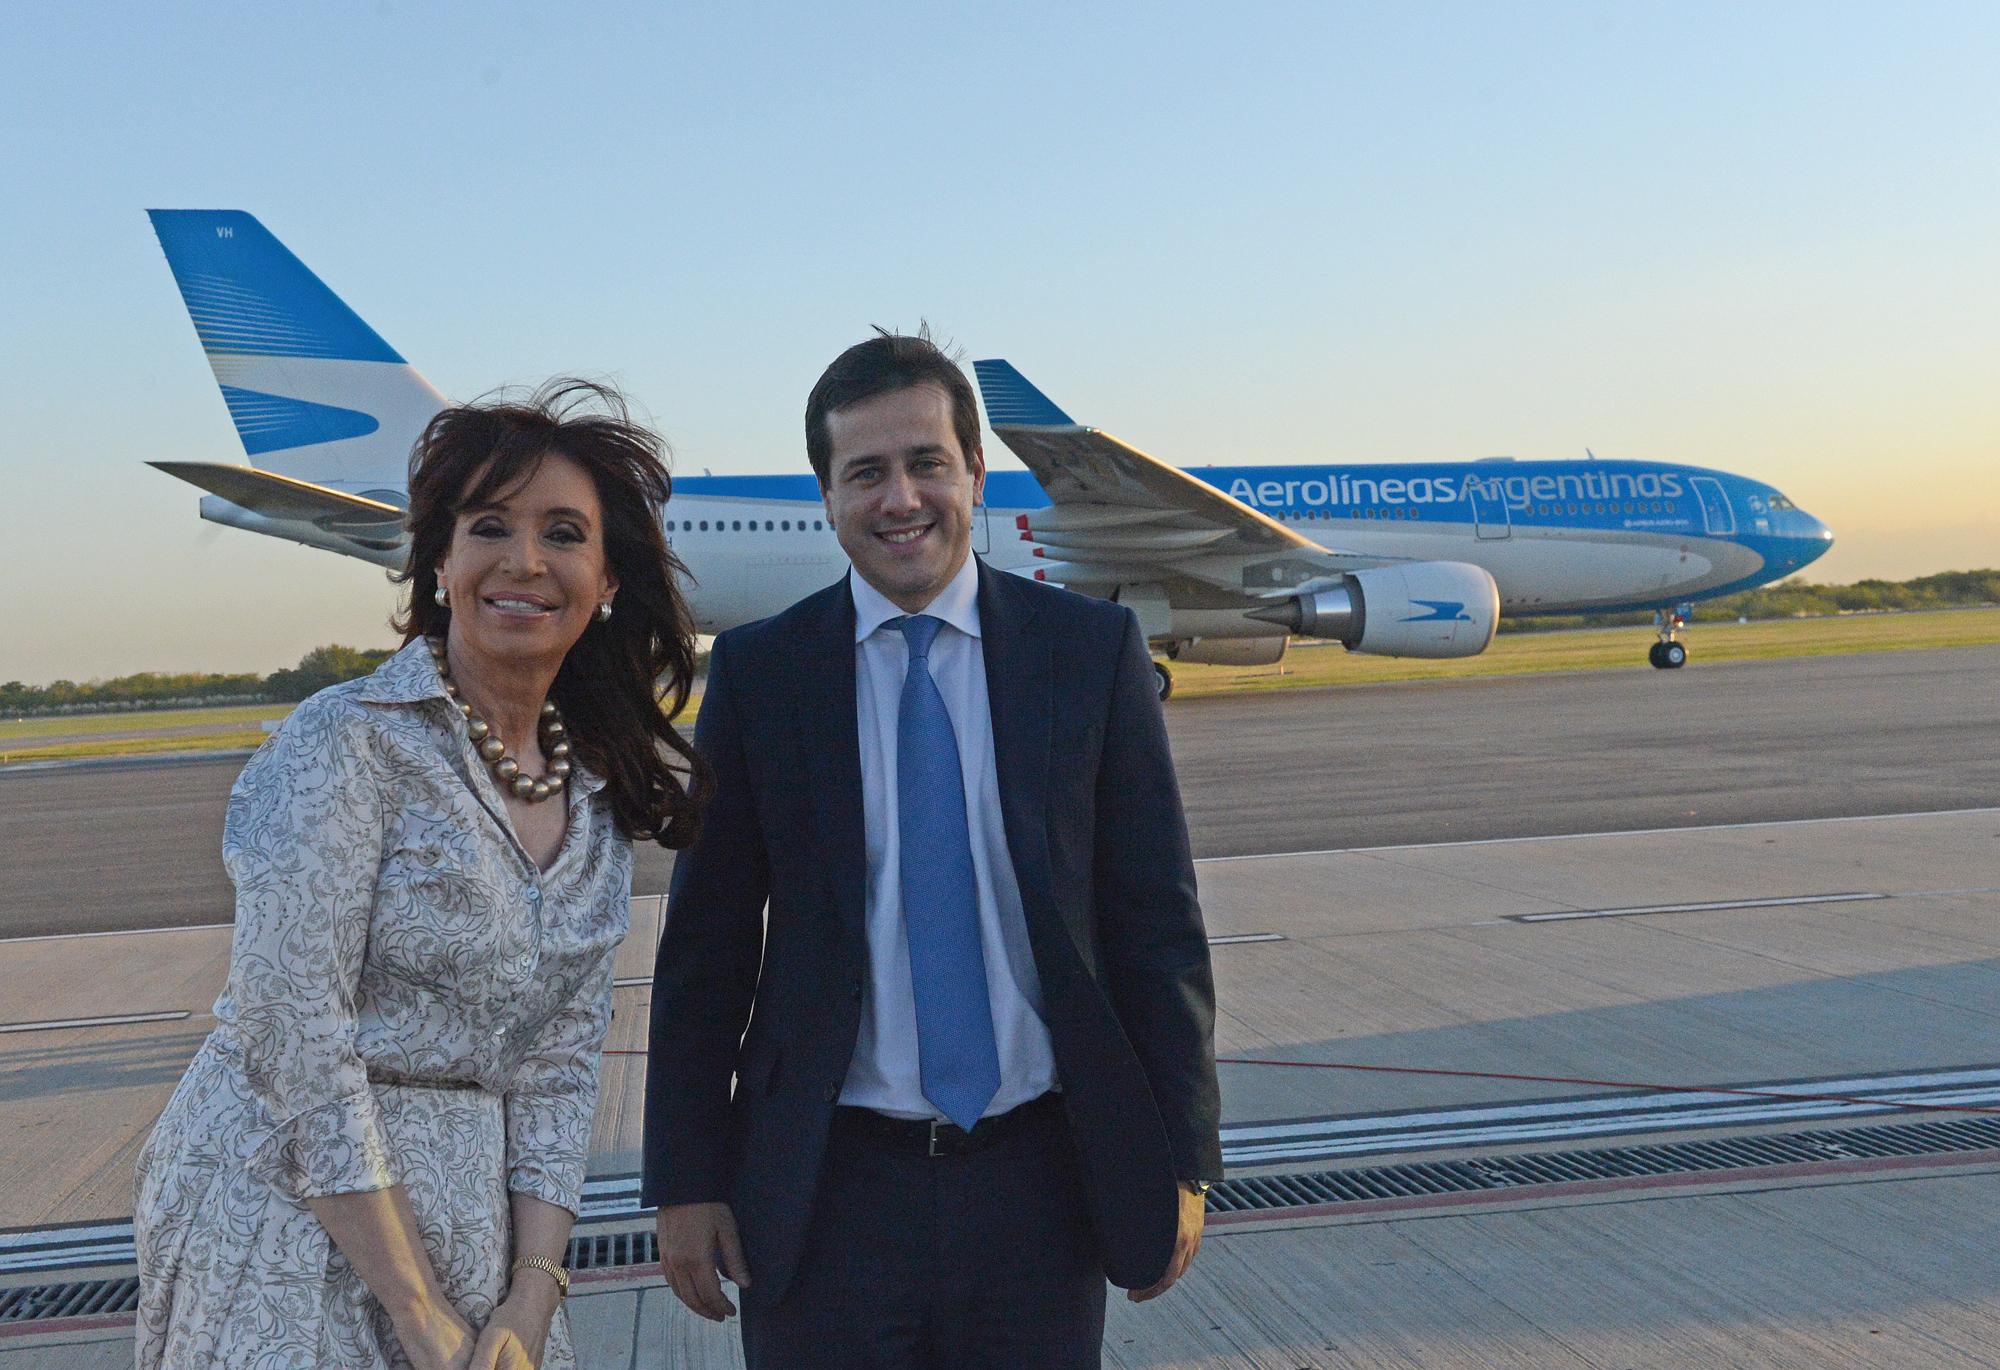 Acto de presentación del nuevo avión AirBus A330-200 de Aerolíneas Argentinas.